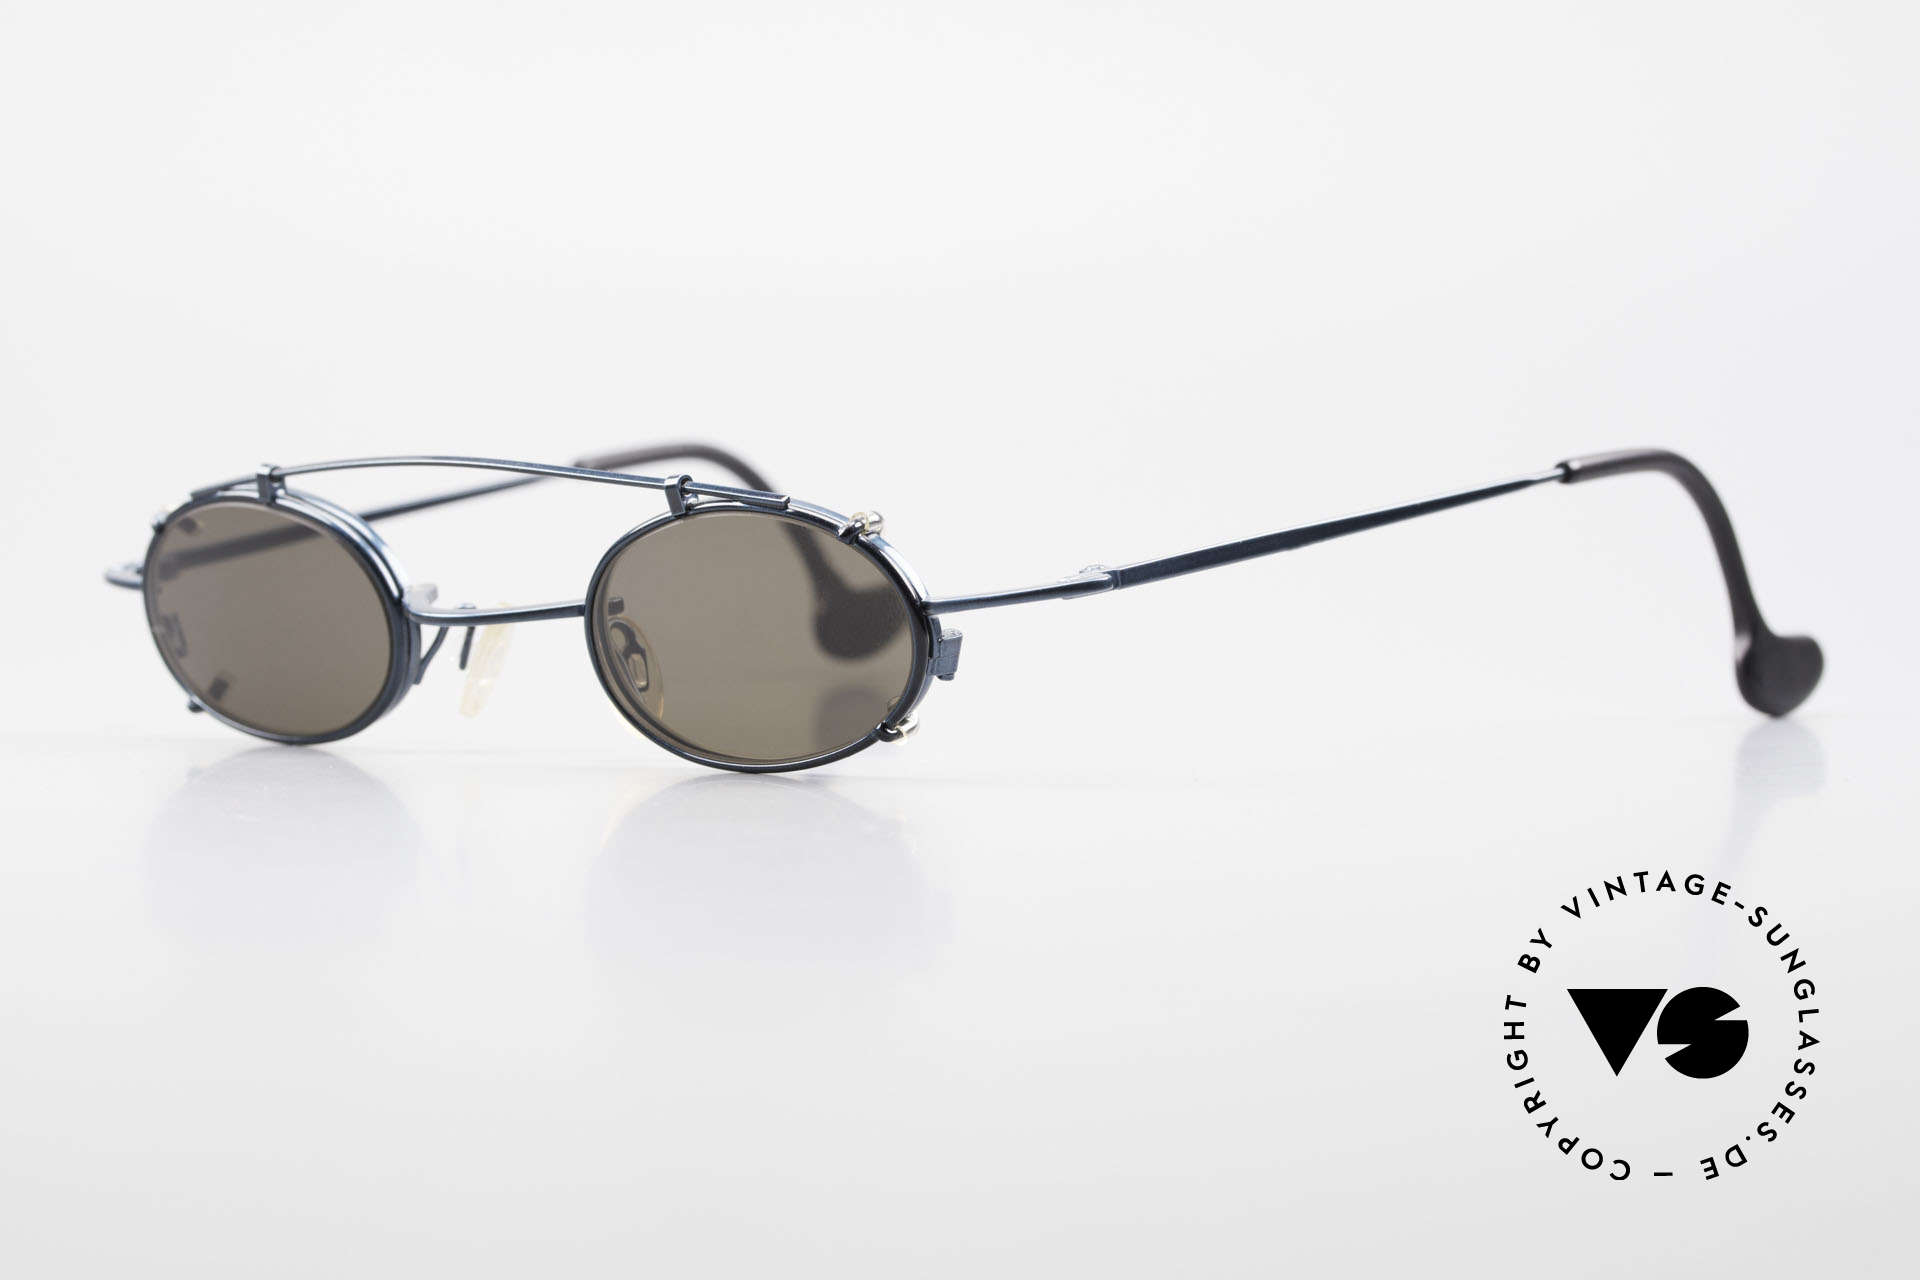 Theo Belgium Peter Ovale brille Mit Sonnen-Clip, Fassung in dunkel-türkis metallic und Clip in schwarz, Passend für Herren und Damen